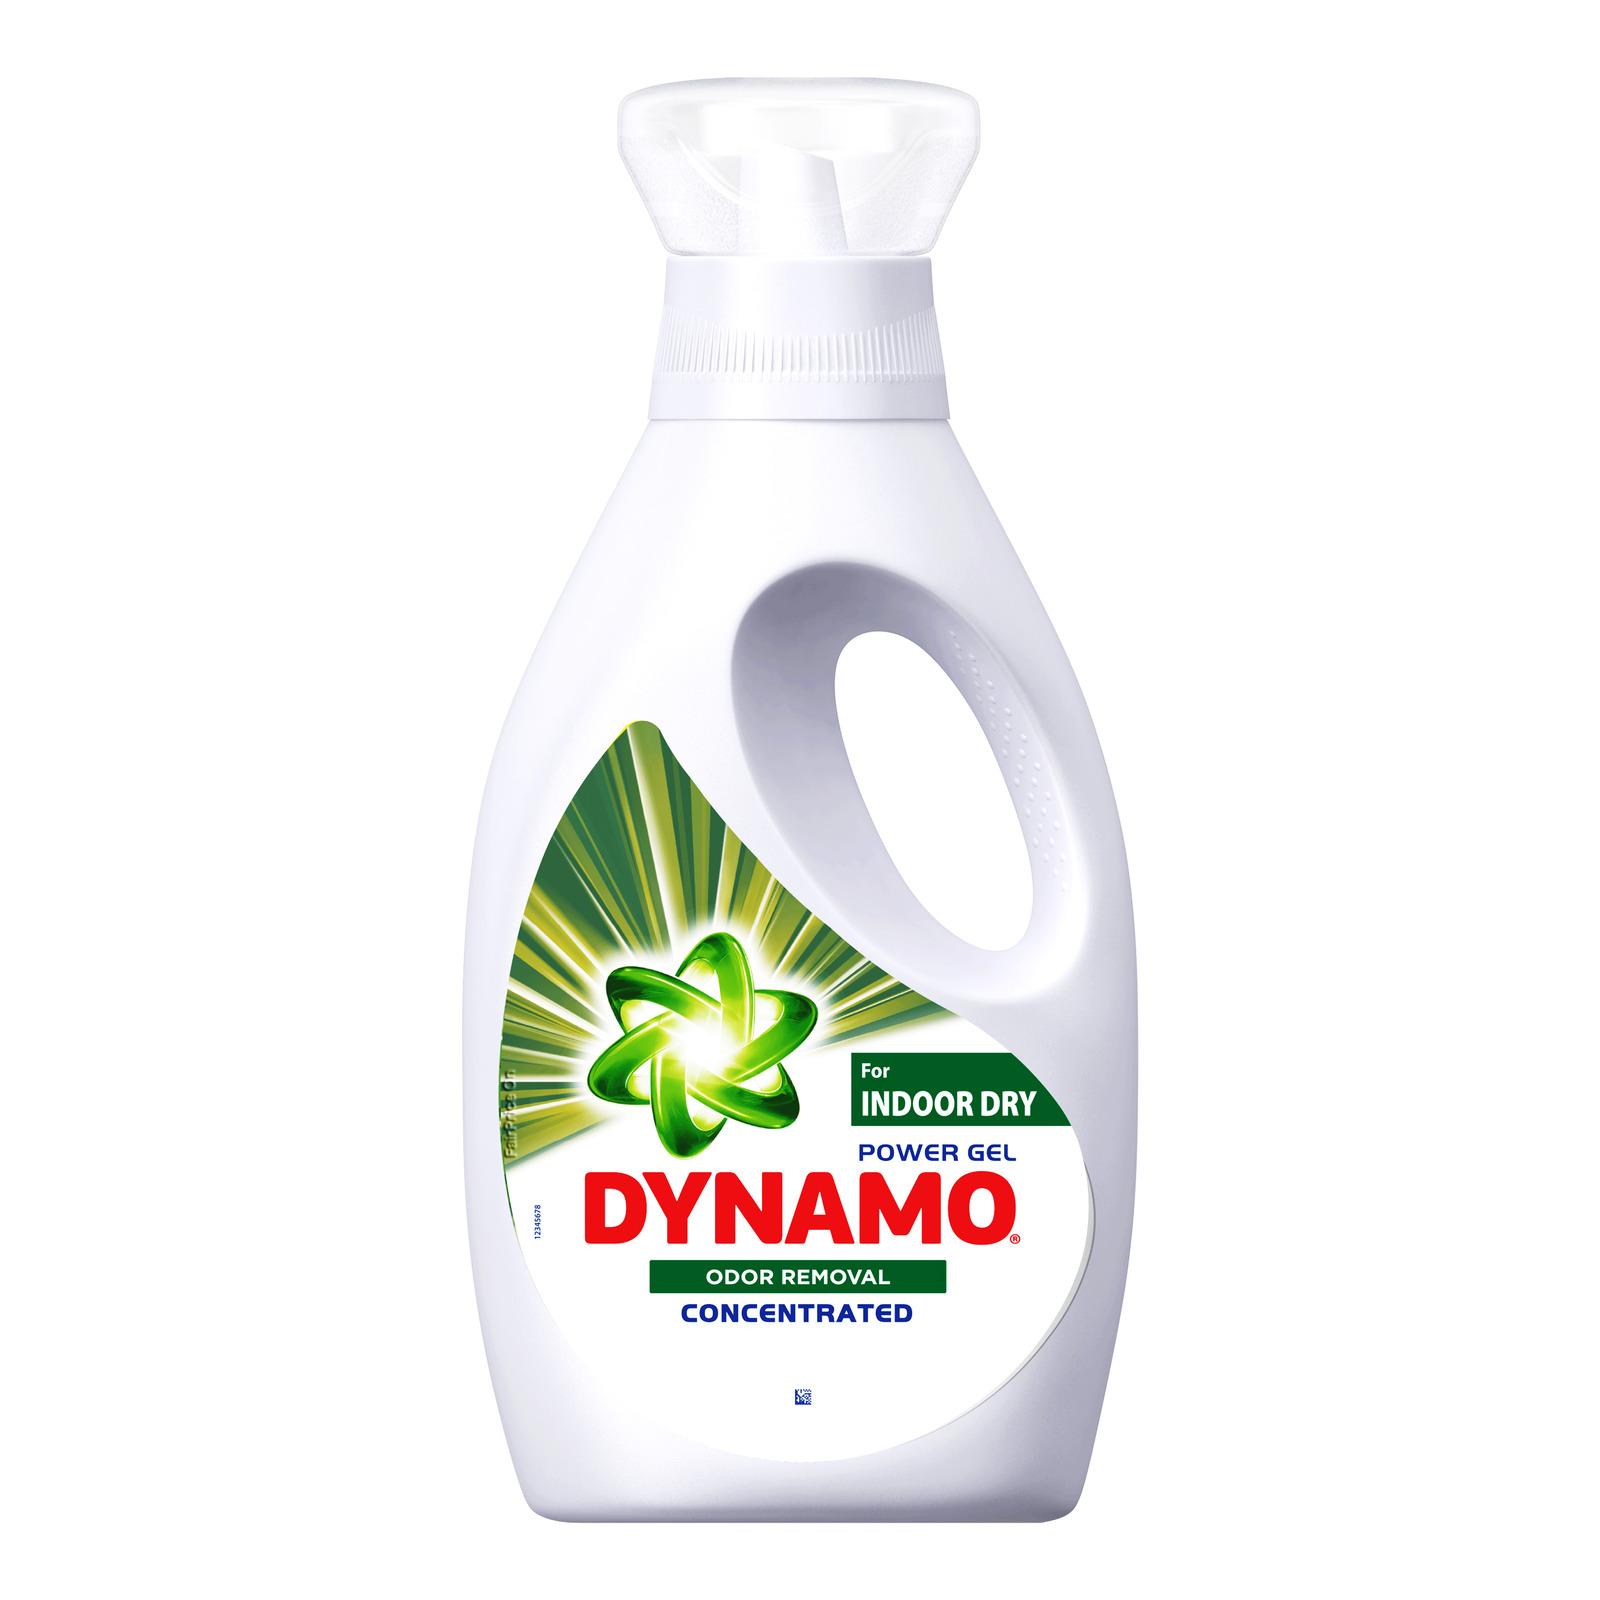 Dynamo Power Gel Laundry Detergent - Indoor Dry